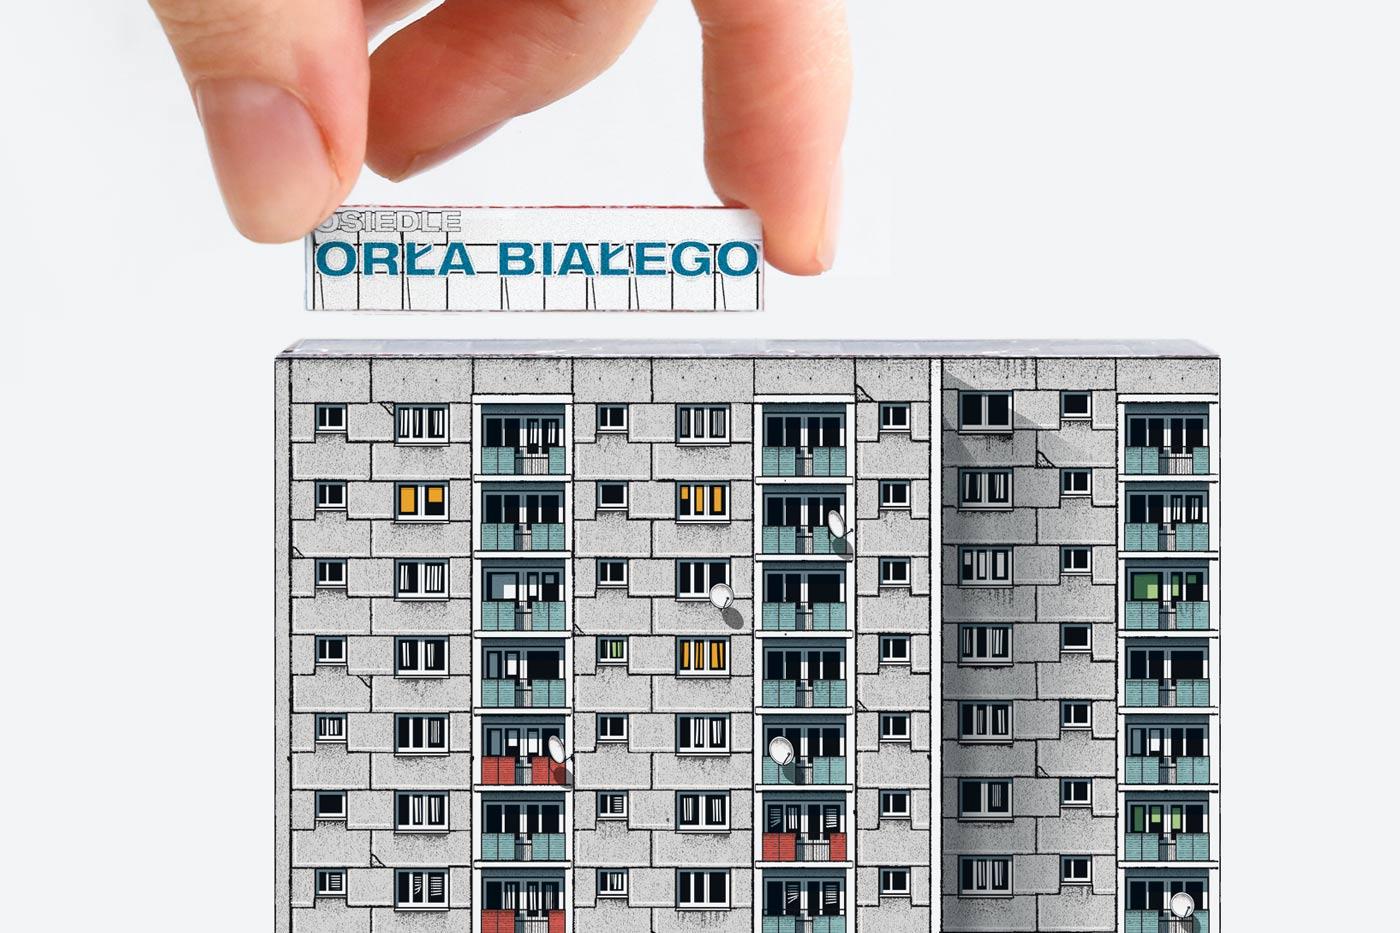 Paper model of Osiedle Orła Białego. Poznań